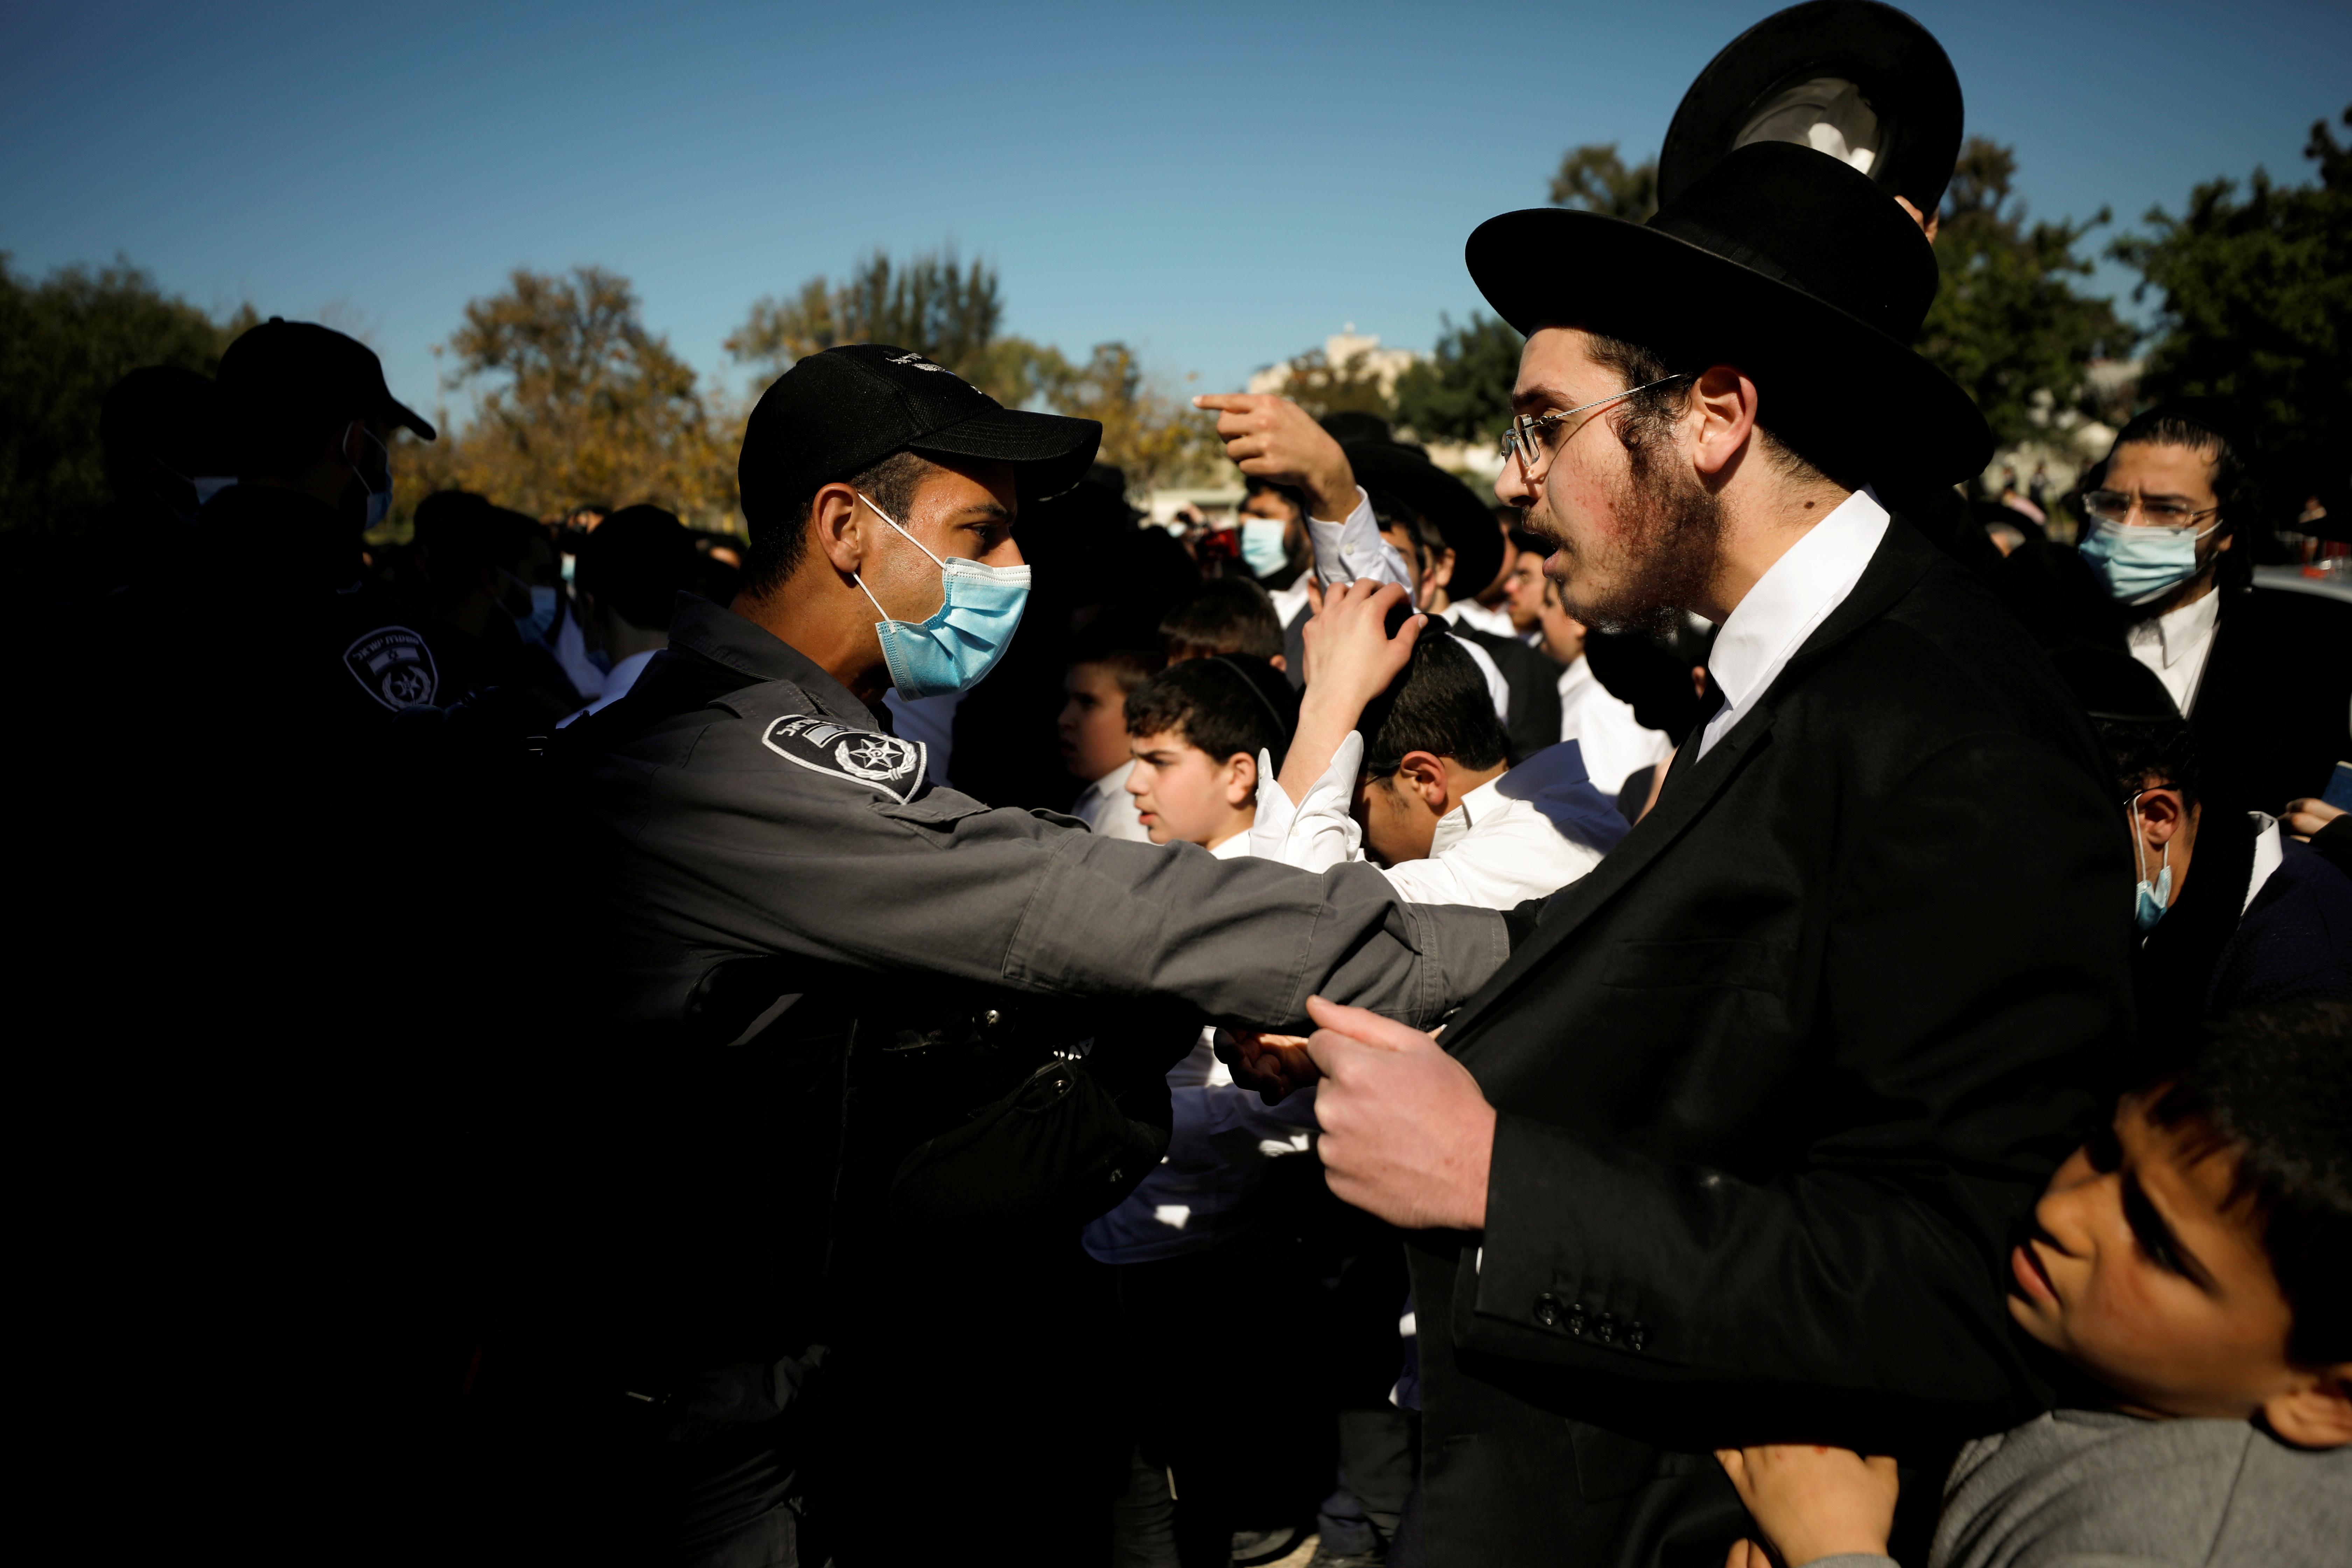 Un policía aparta a un ultraortodoxo durante una protesta.